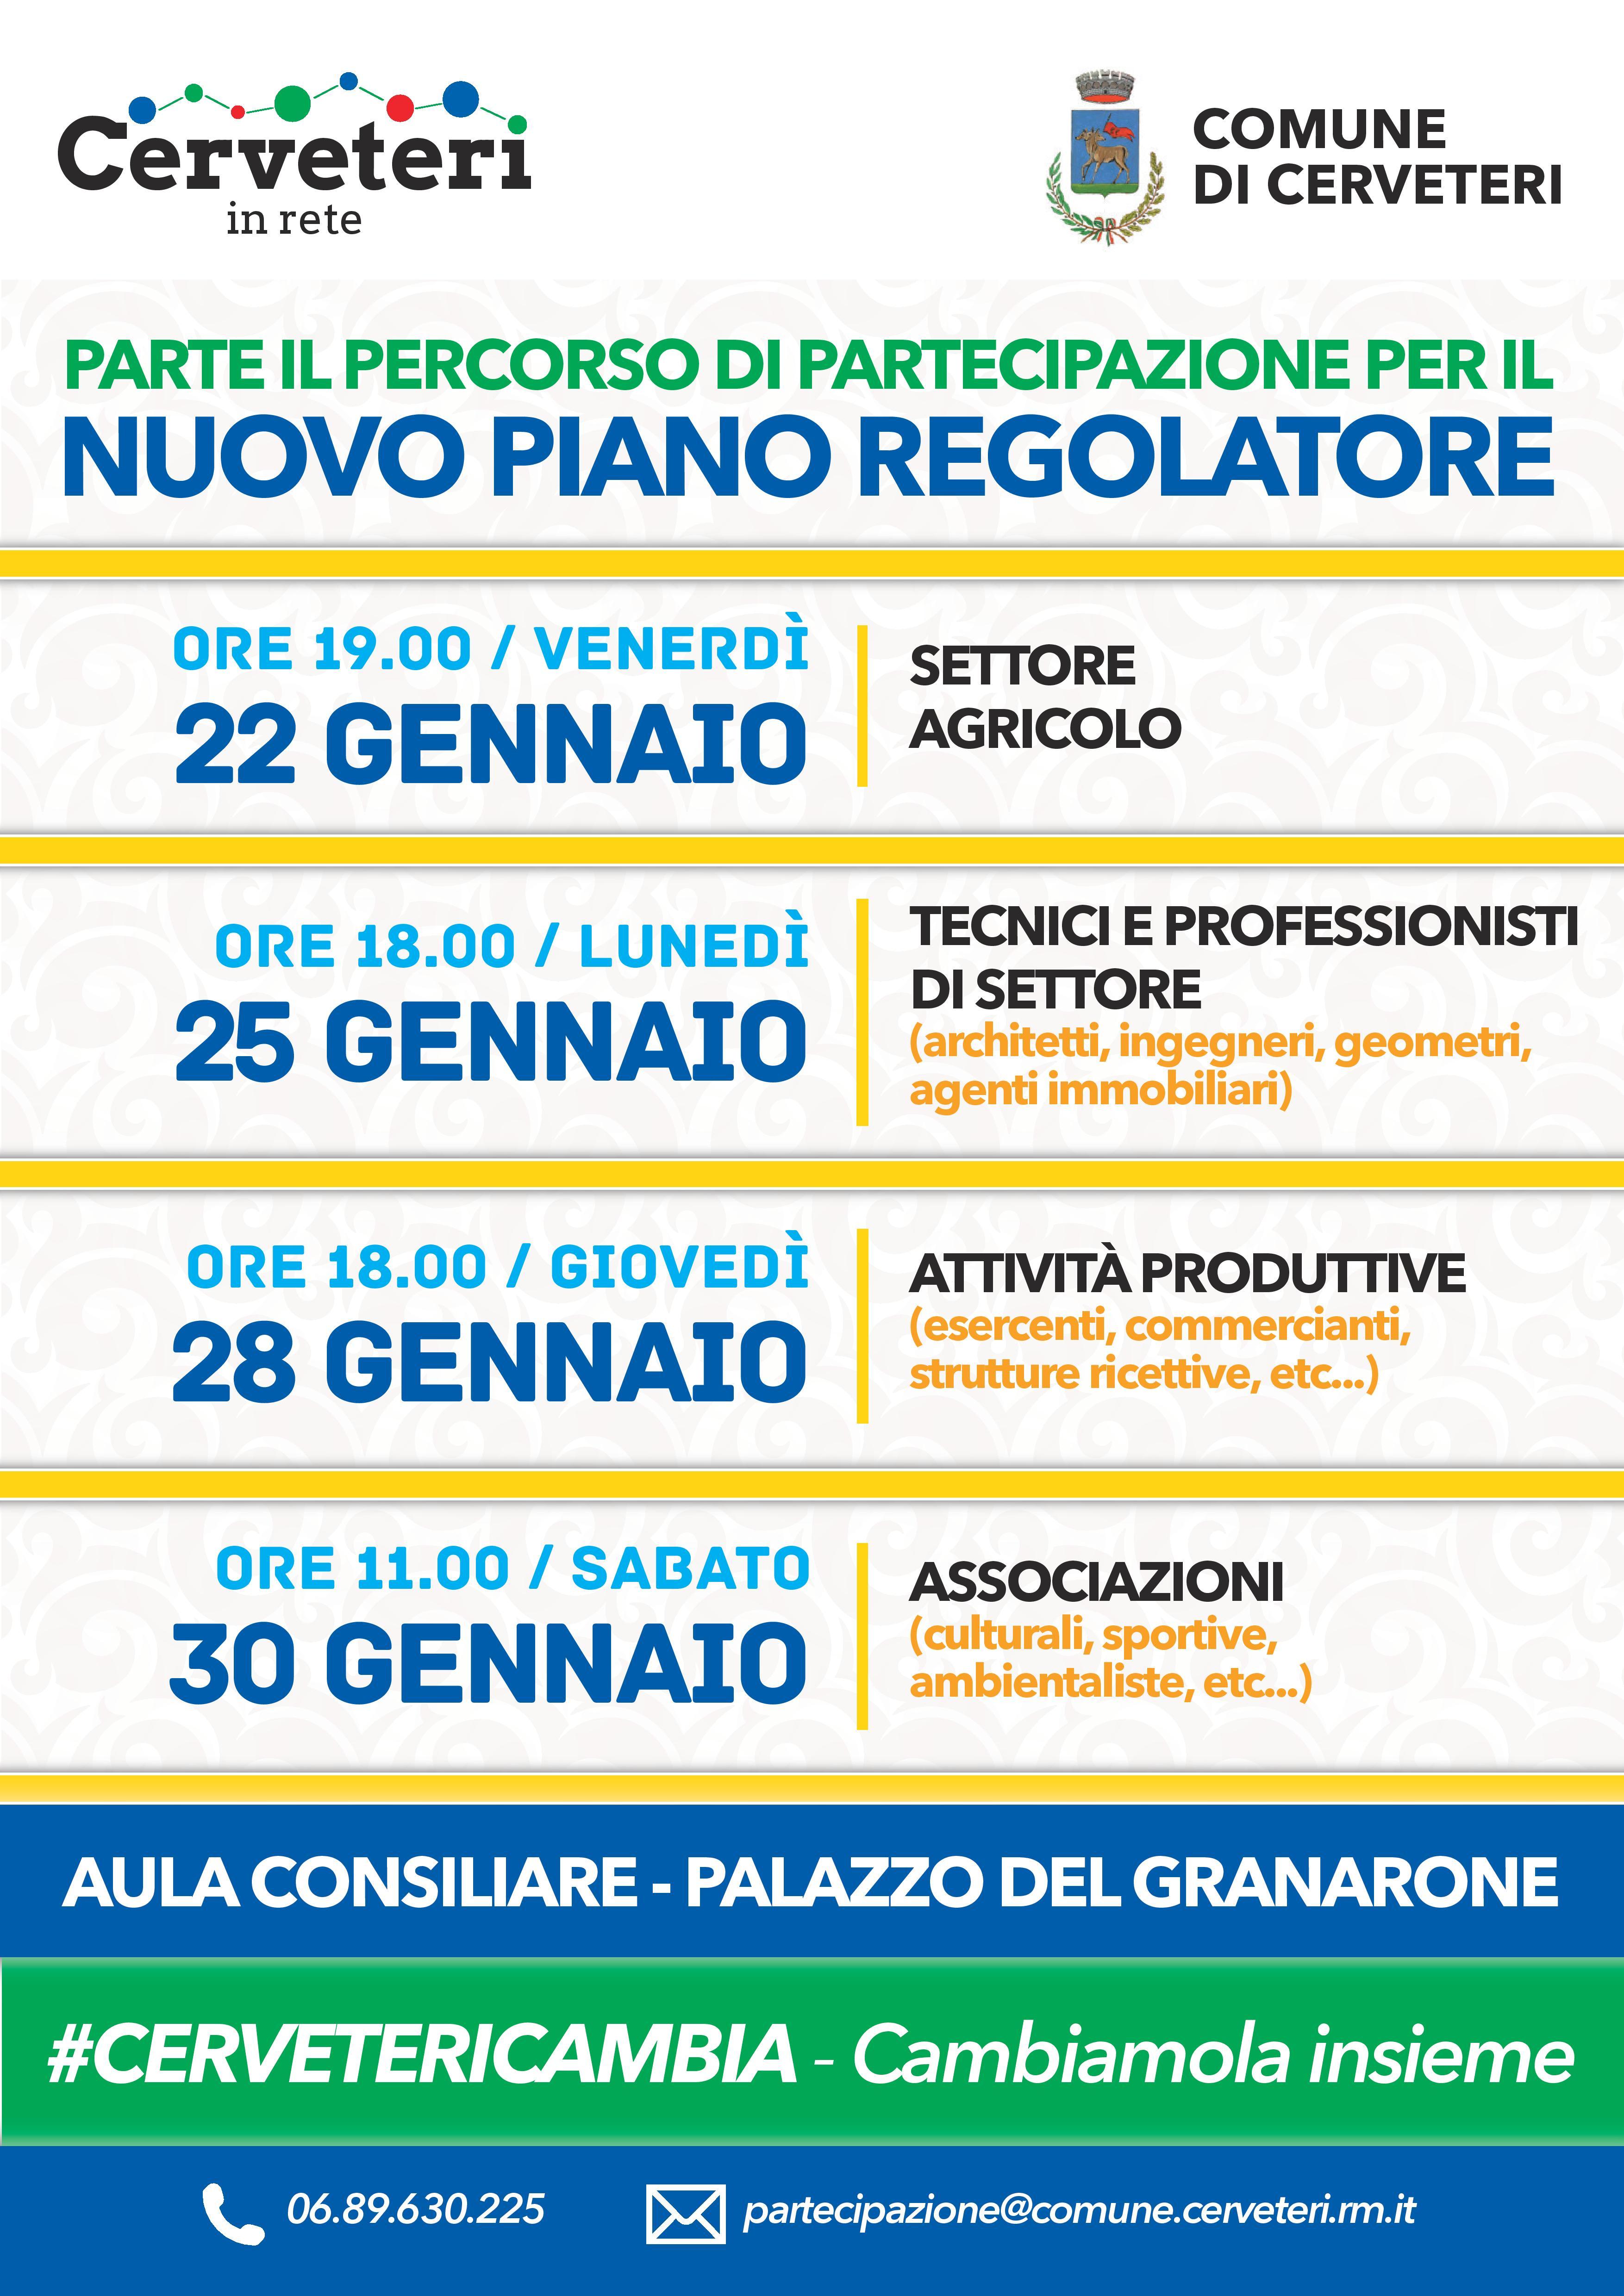 Manifesto%20Cerveteri%20in%20Rete-page-001